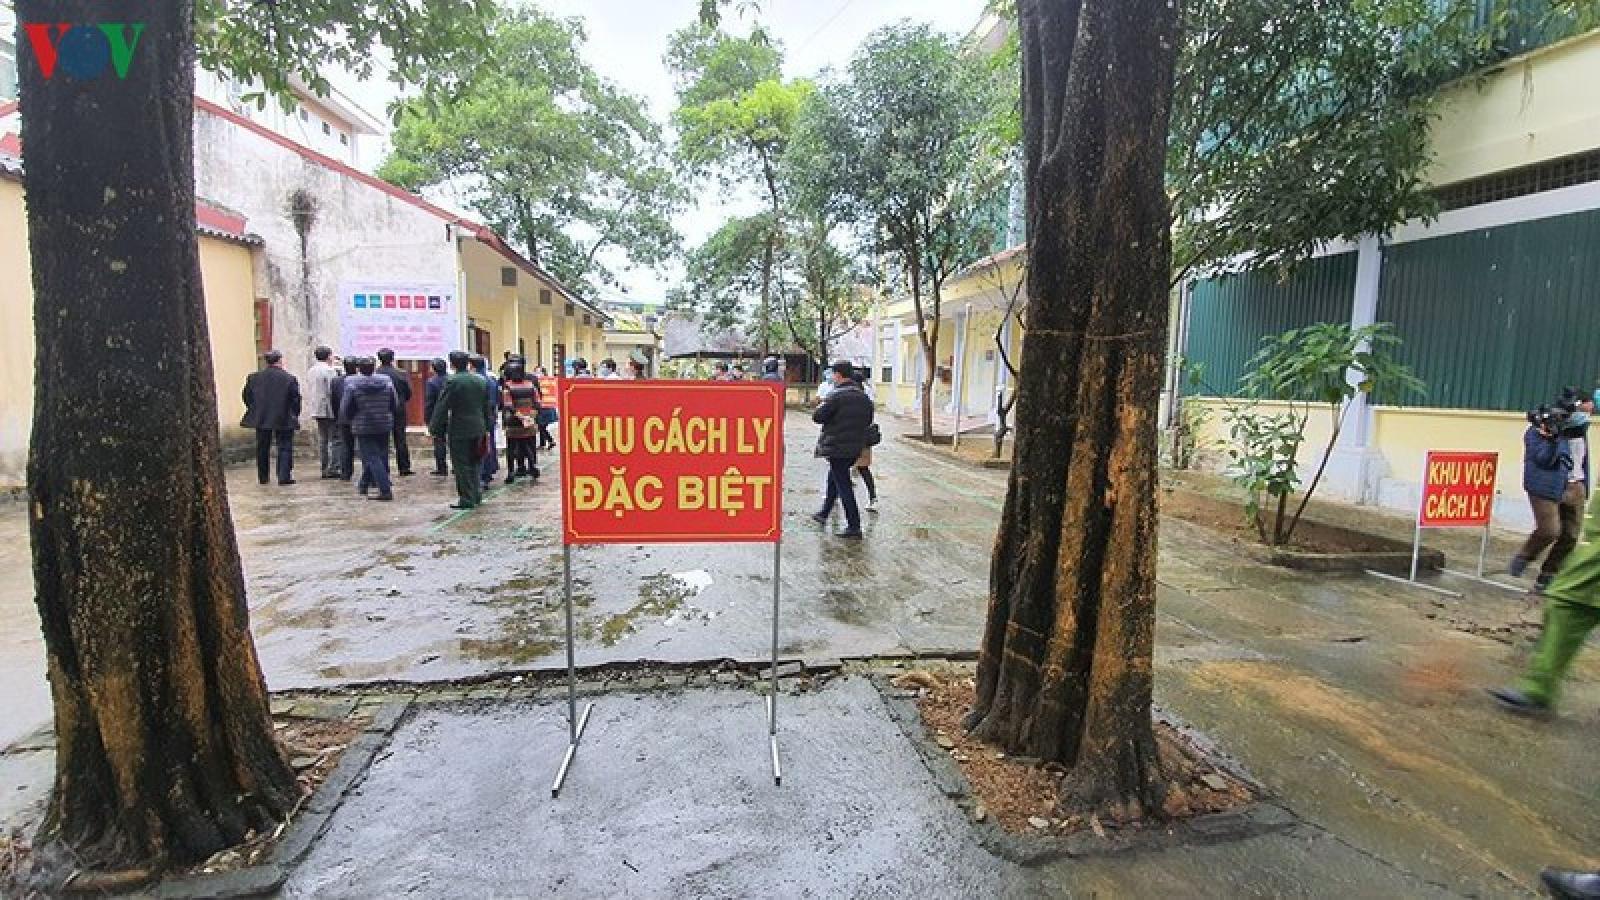 20 nhân viên y tế Hà Giang tiếp xúc trực tiếp (F1) với BN 268